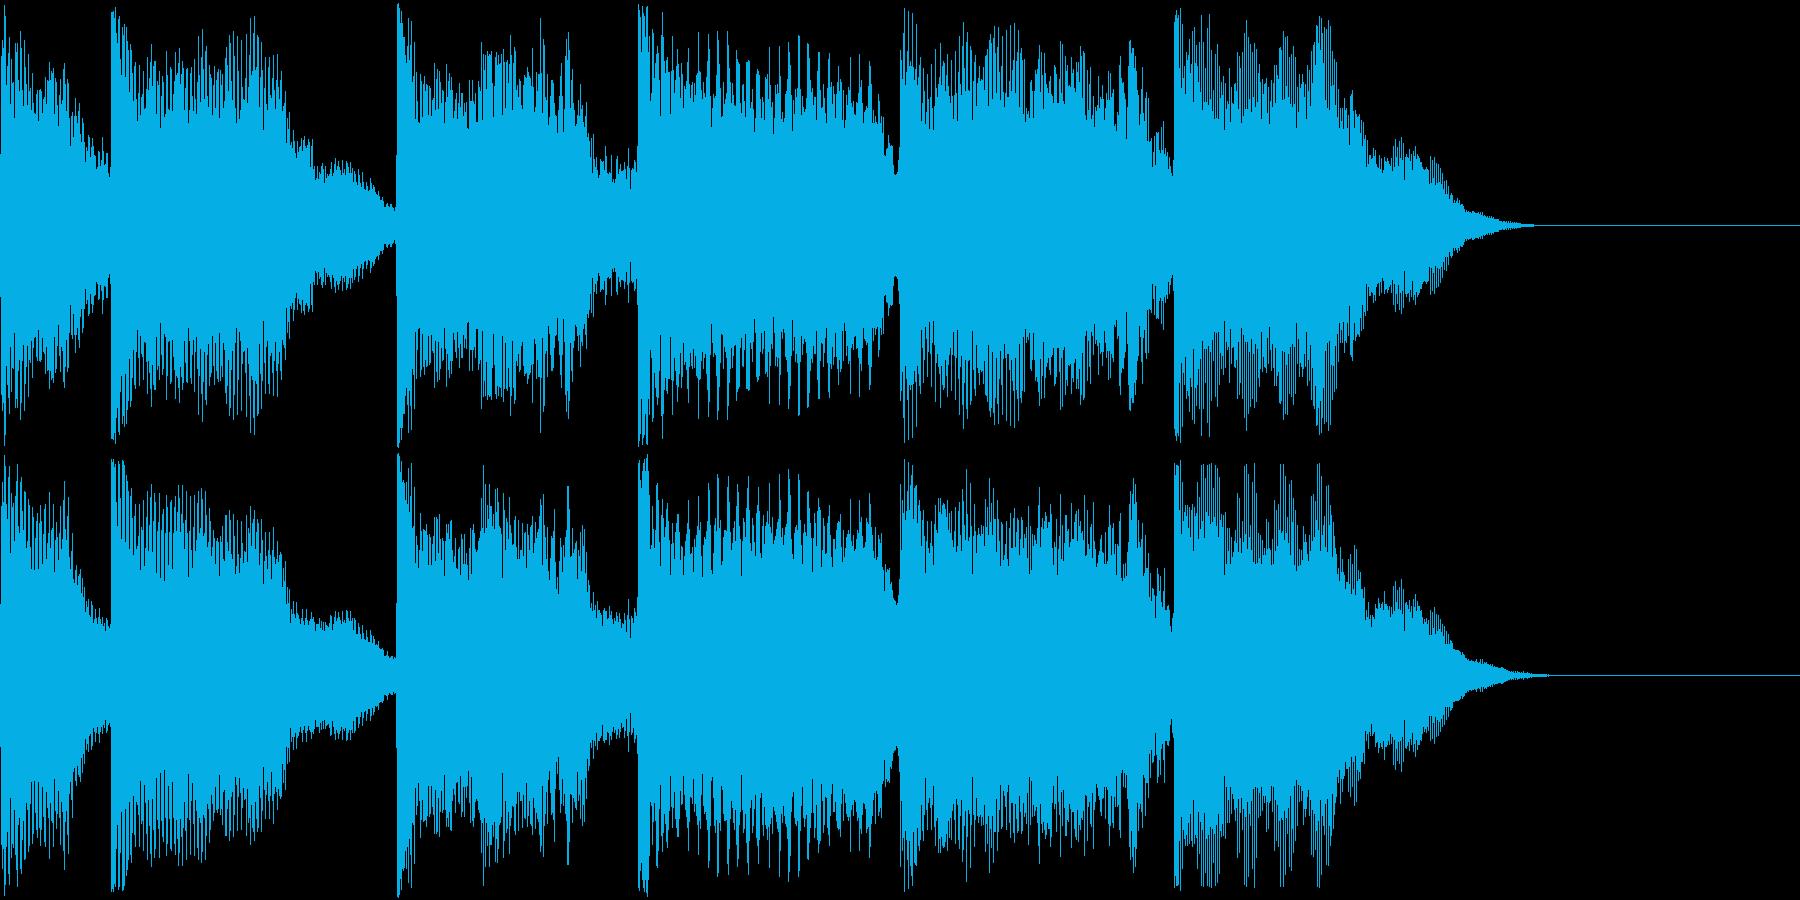 AI メカ/ロボ/マシン動作音 43の再生済みの波形